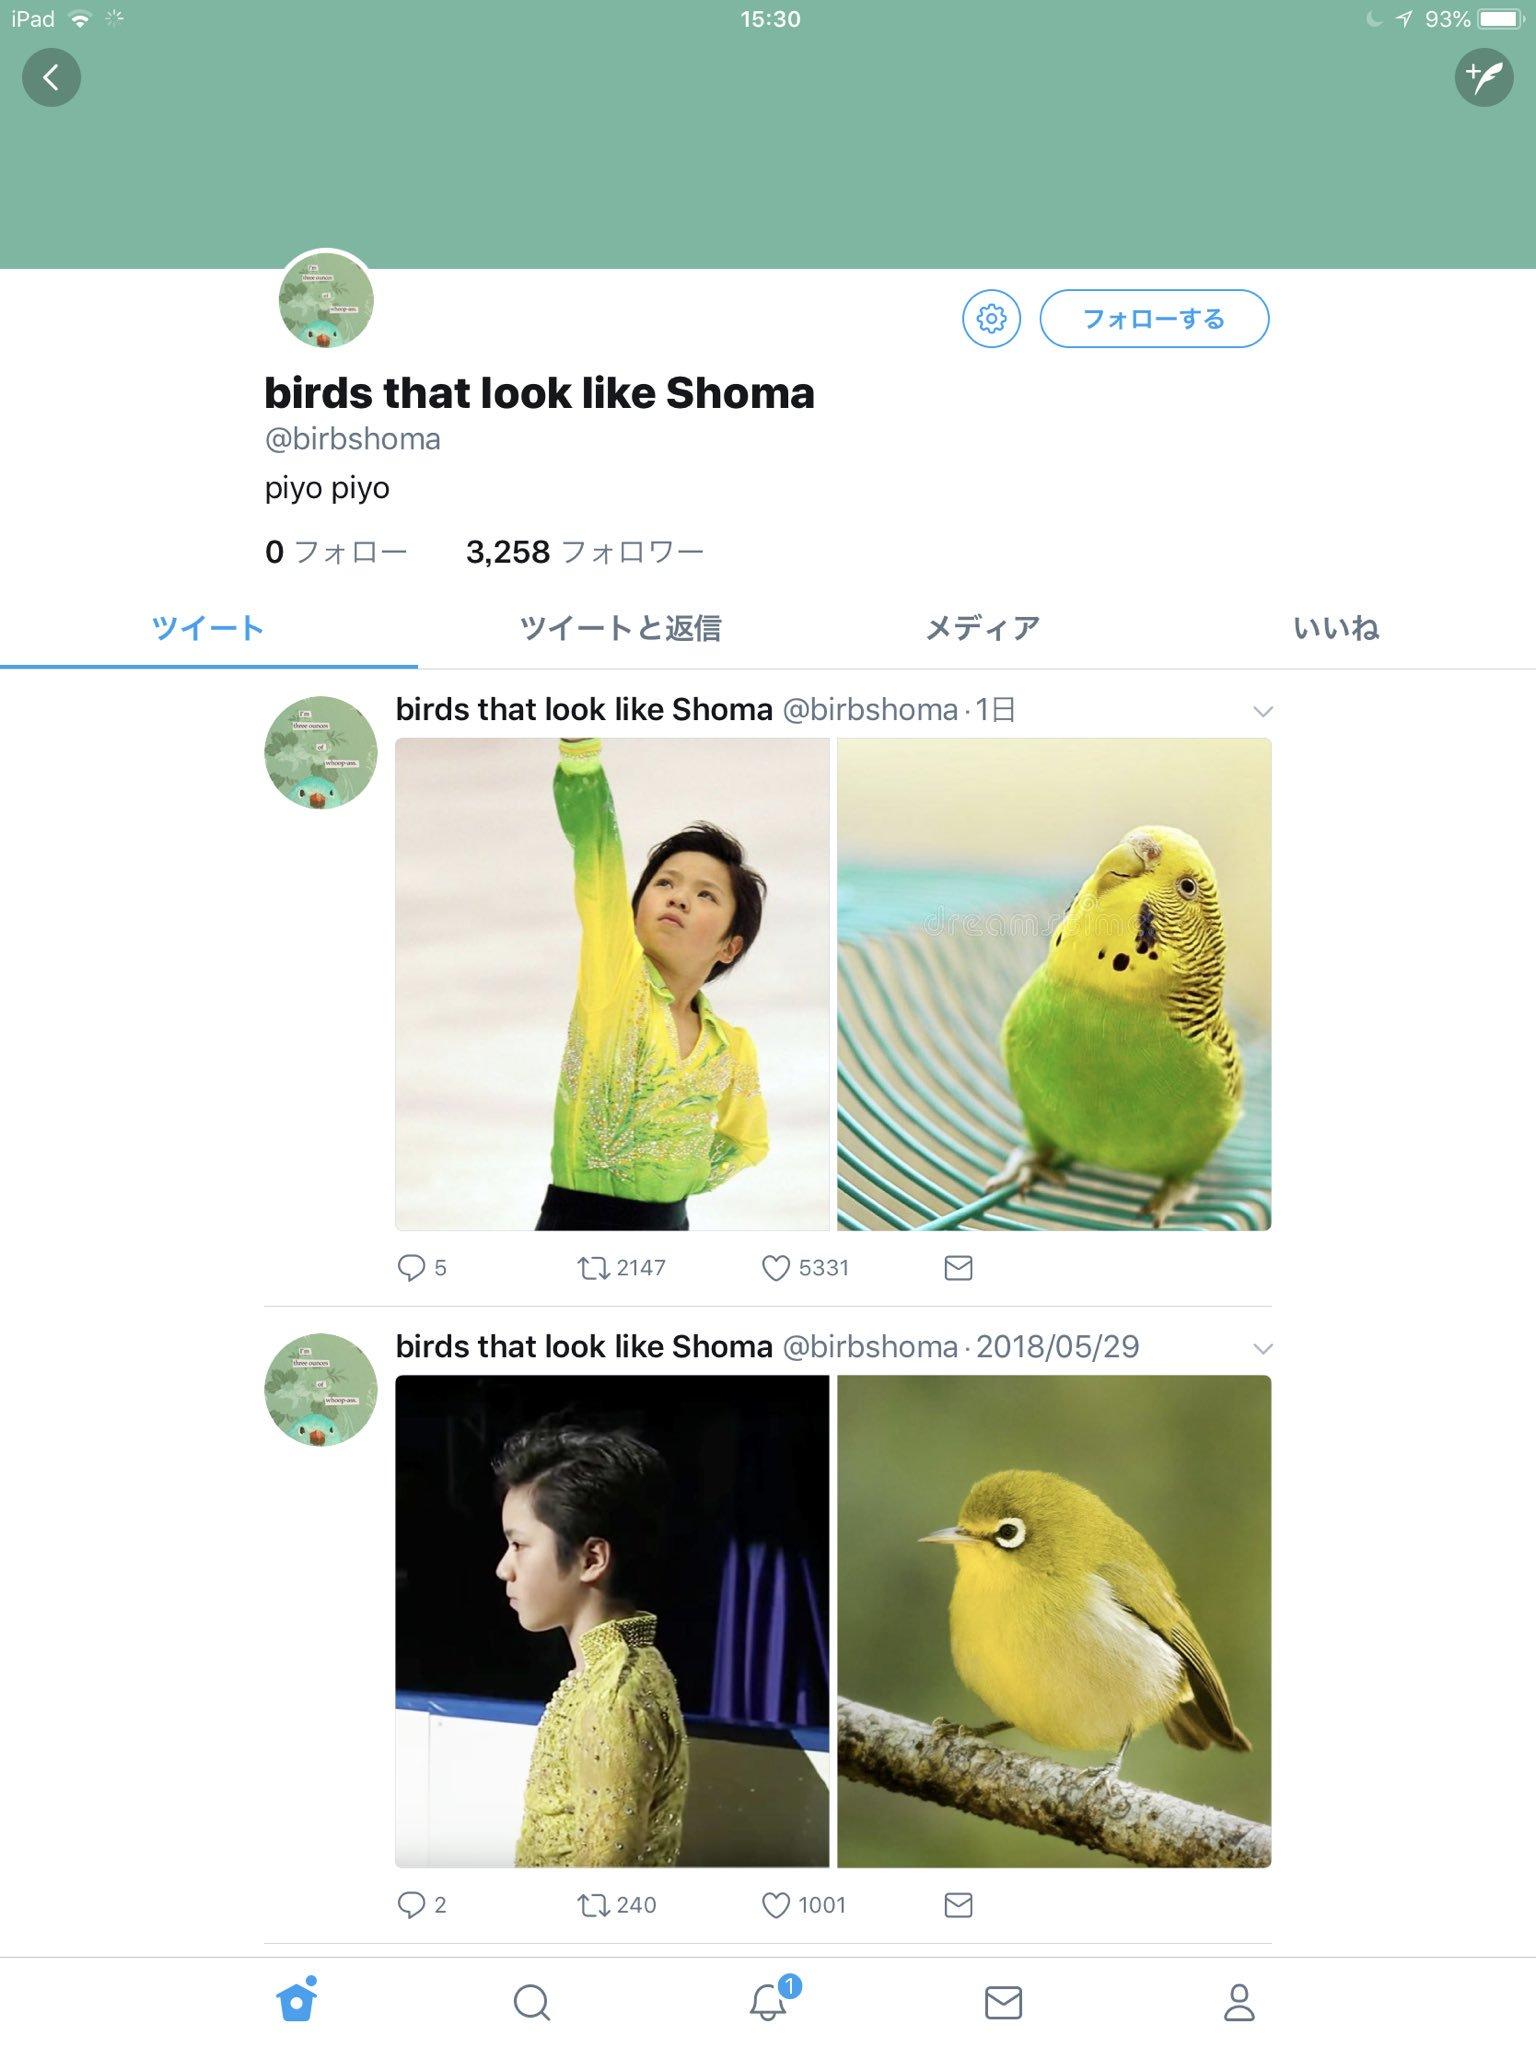 このアカウント、類似画像の精度が高すぎて笑う。